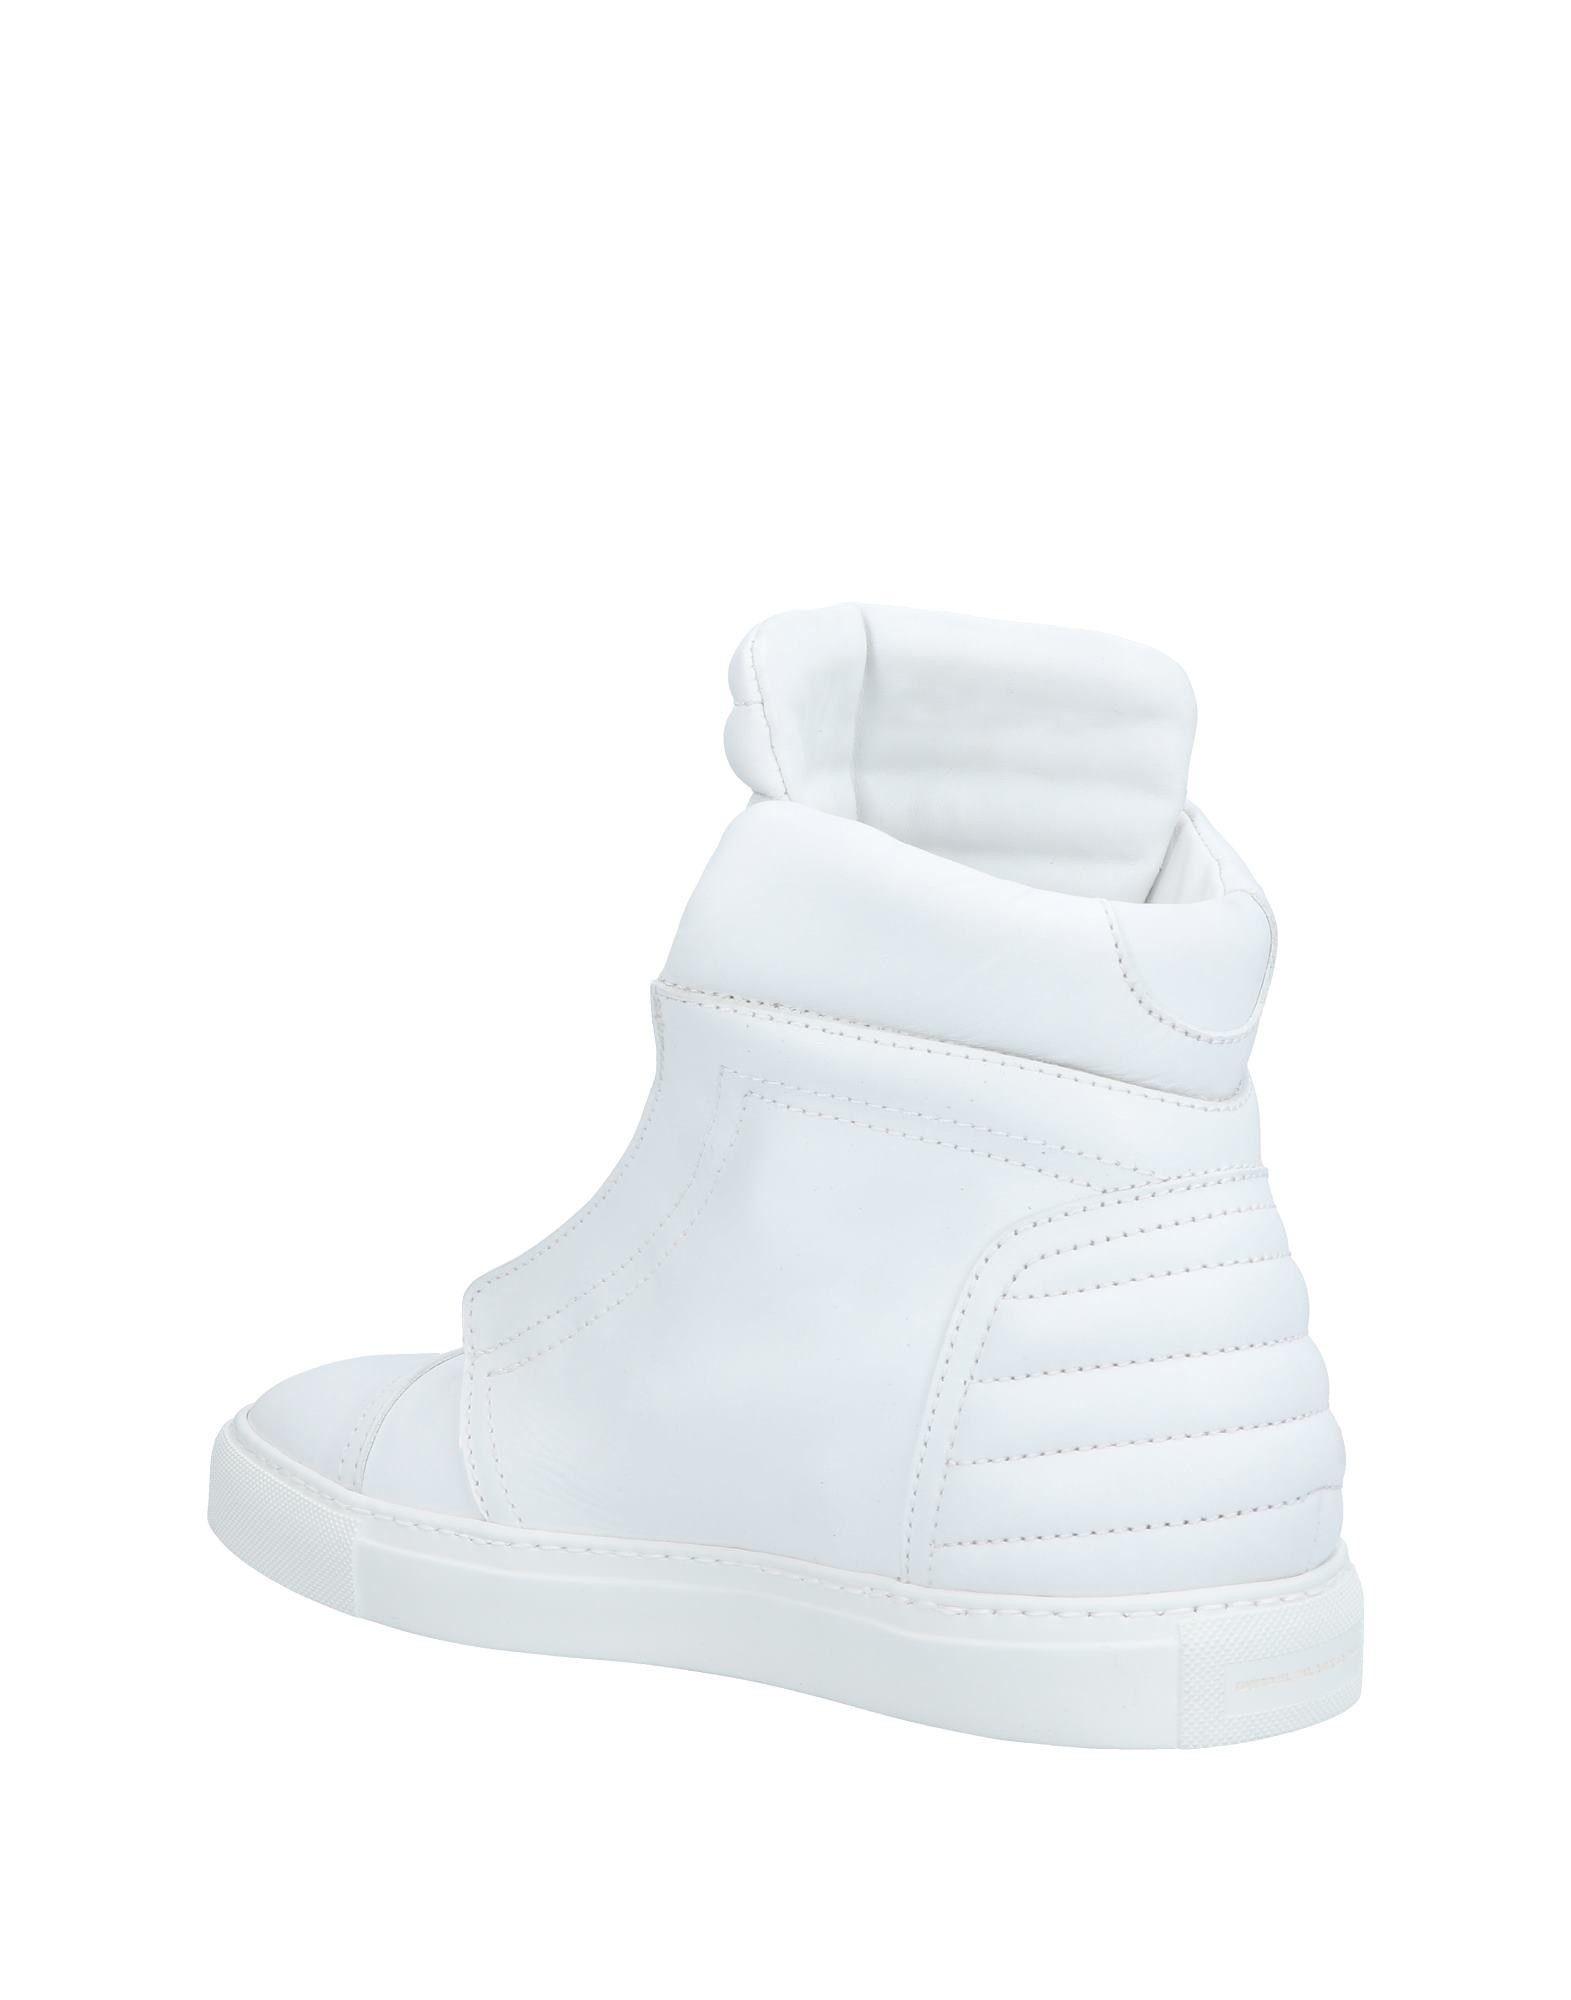 Diesel Black Gold Sneakers - Men Men Men Diesel Black Gold Sneakers online on  Canada - 11426984HI 0f091e